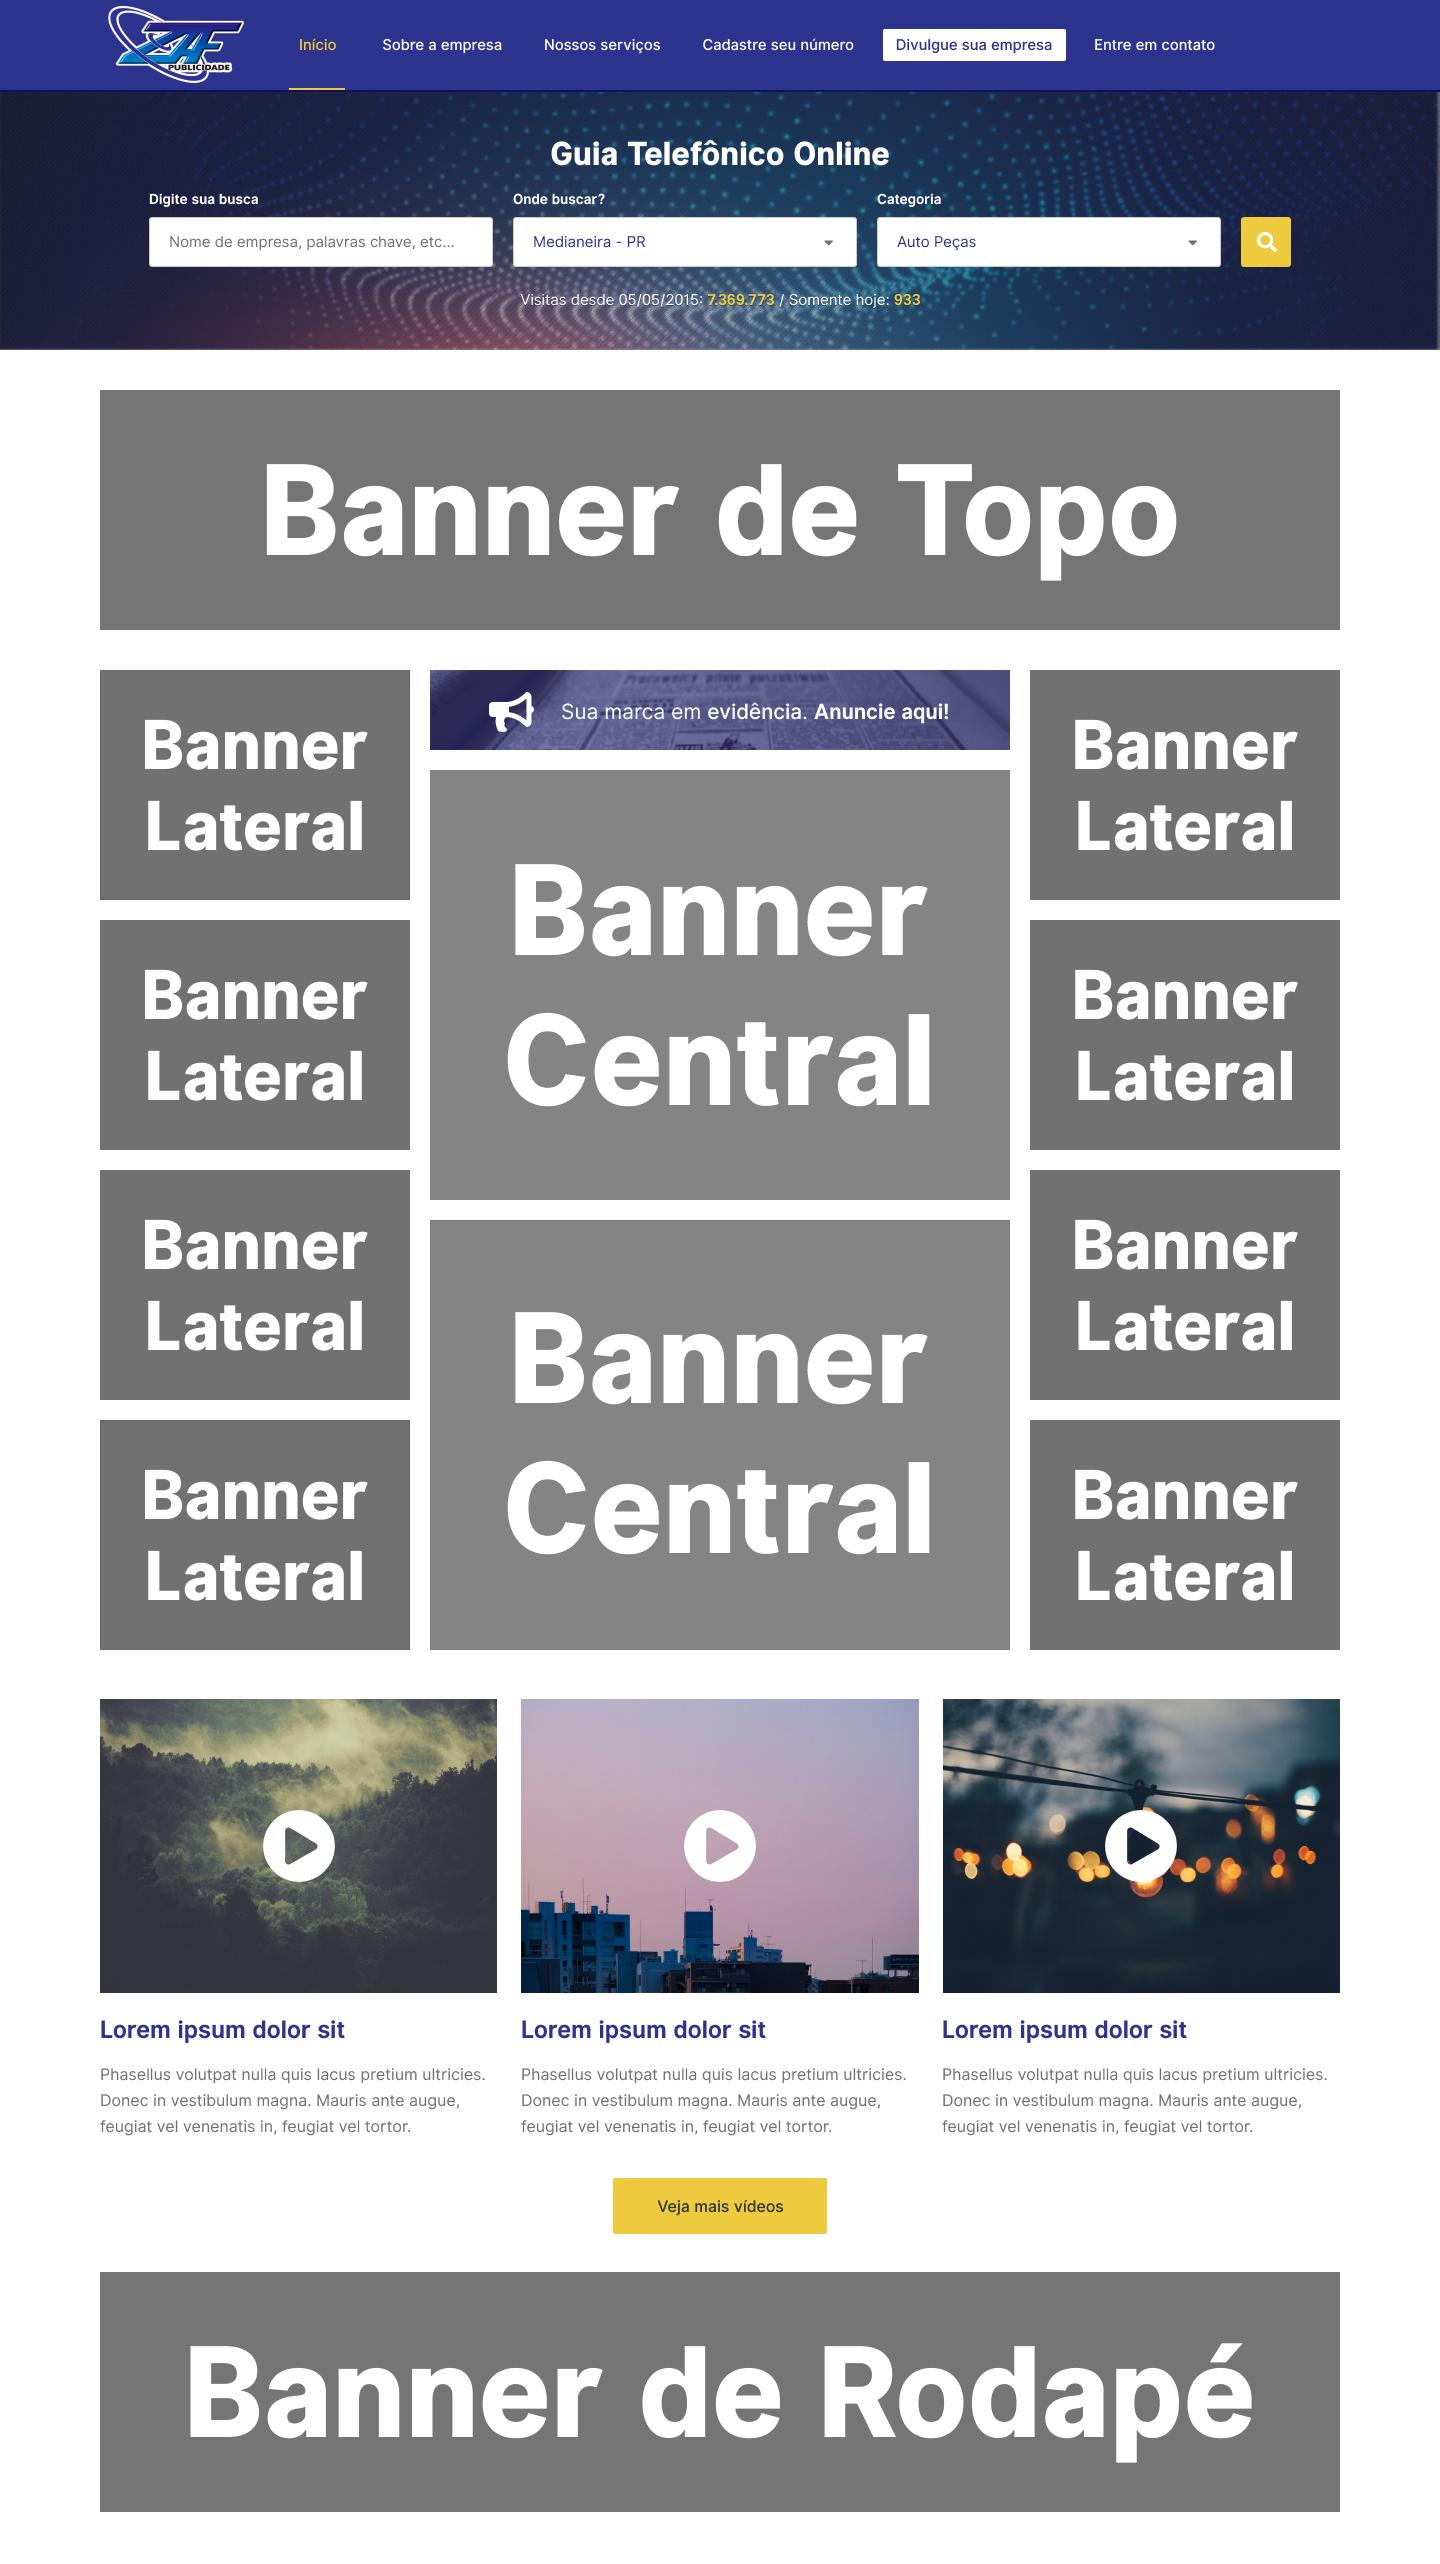 Exemplo de posicionamento dos banners